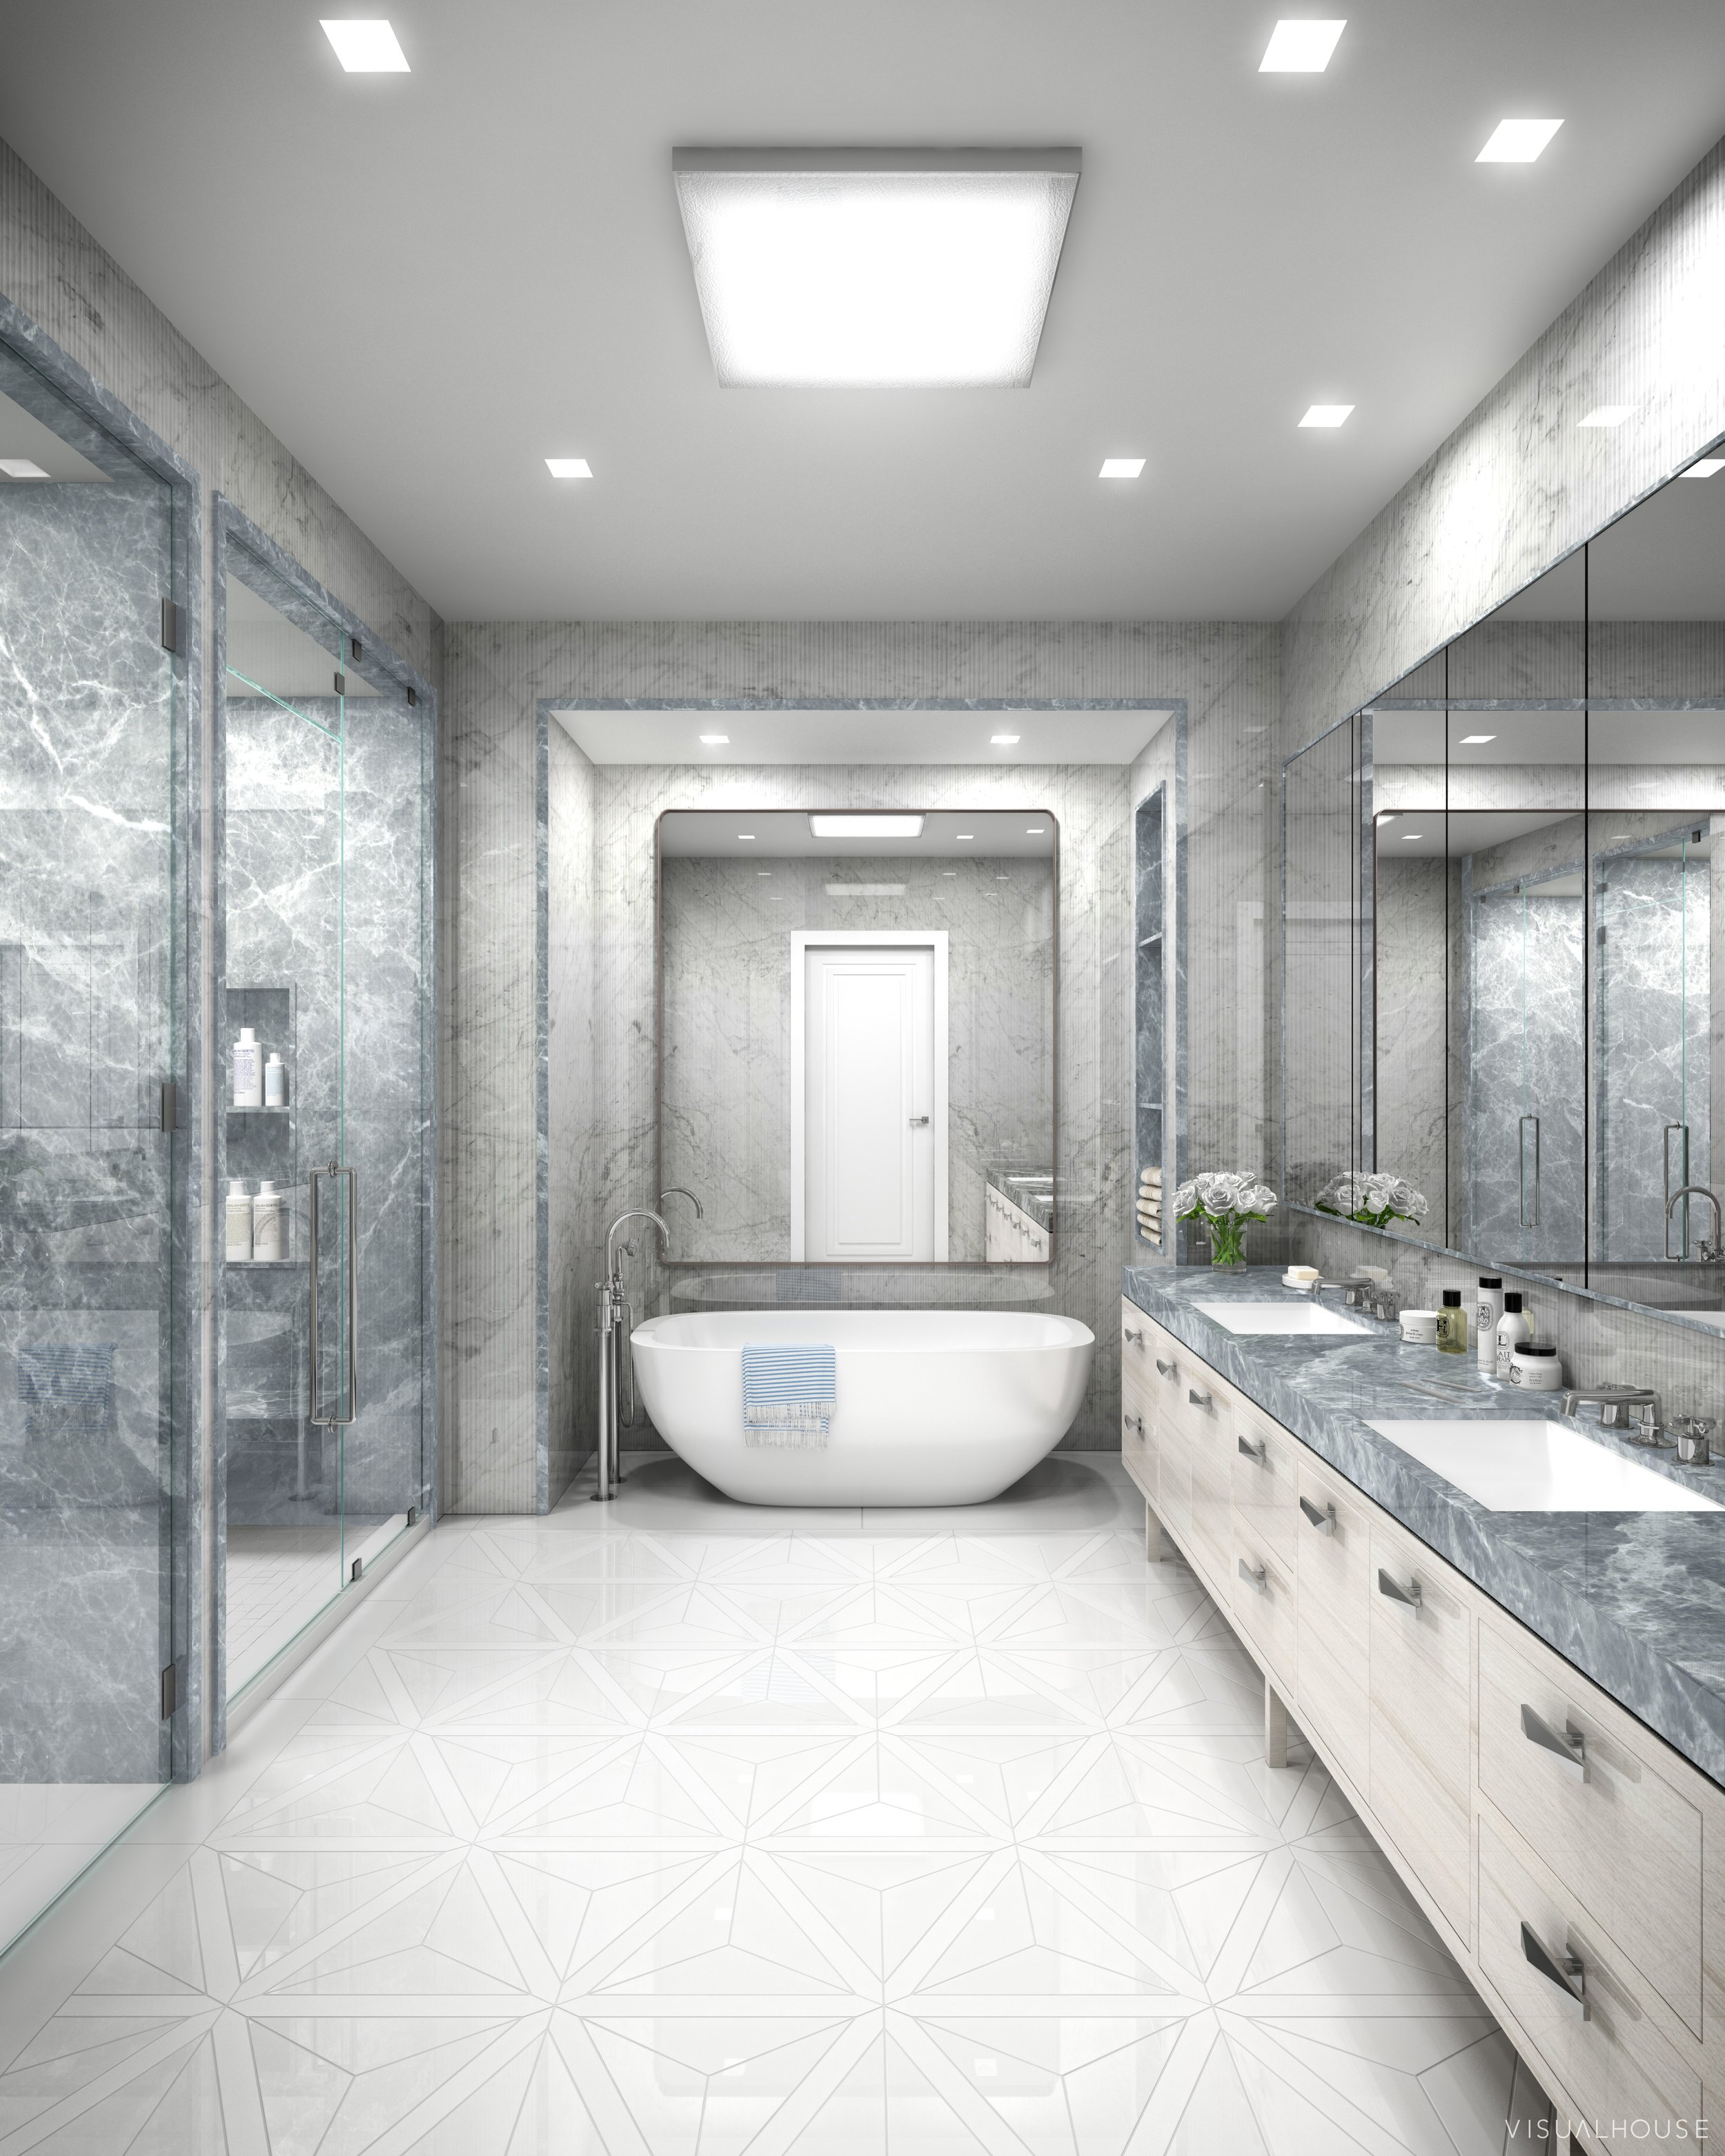 visualhouse_Master_Bathroom_-_Update-8.0.jpg